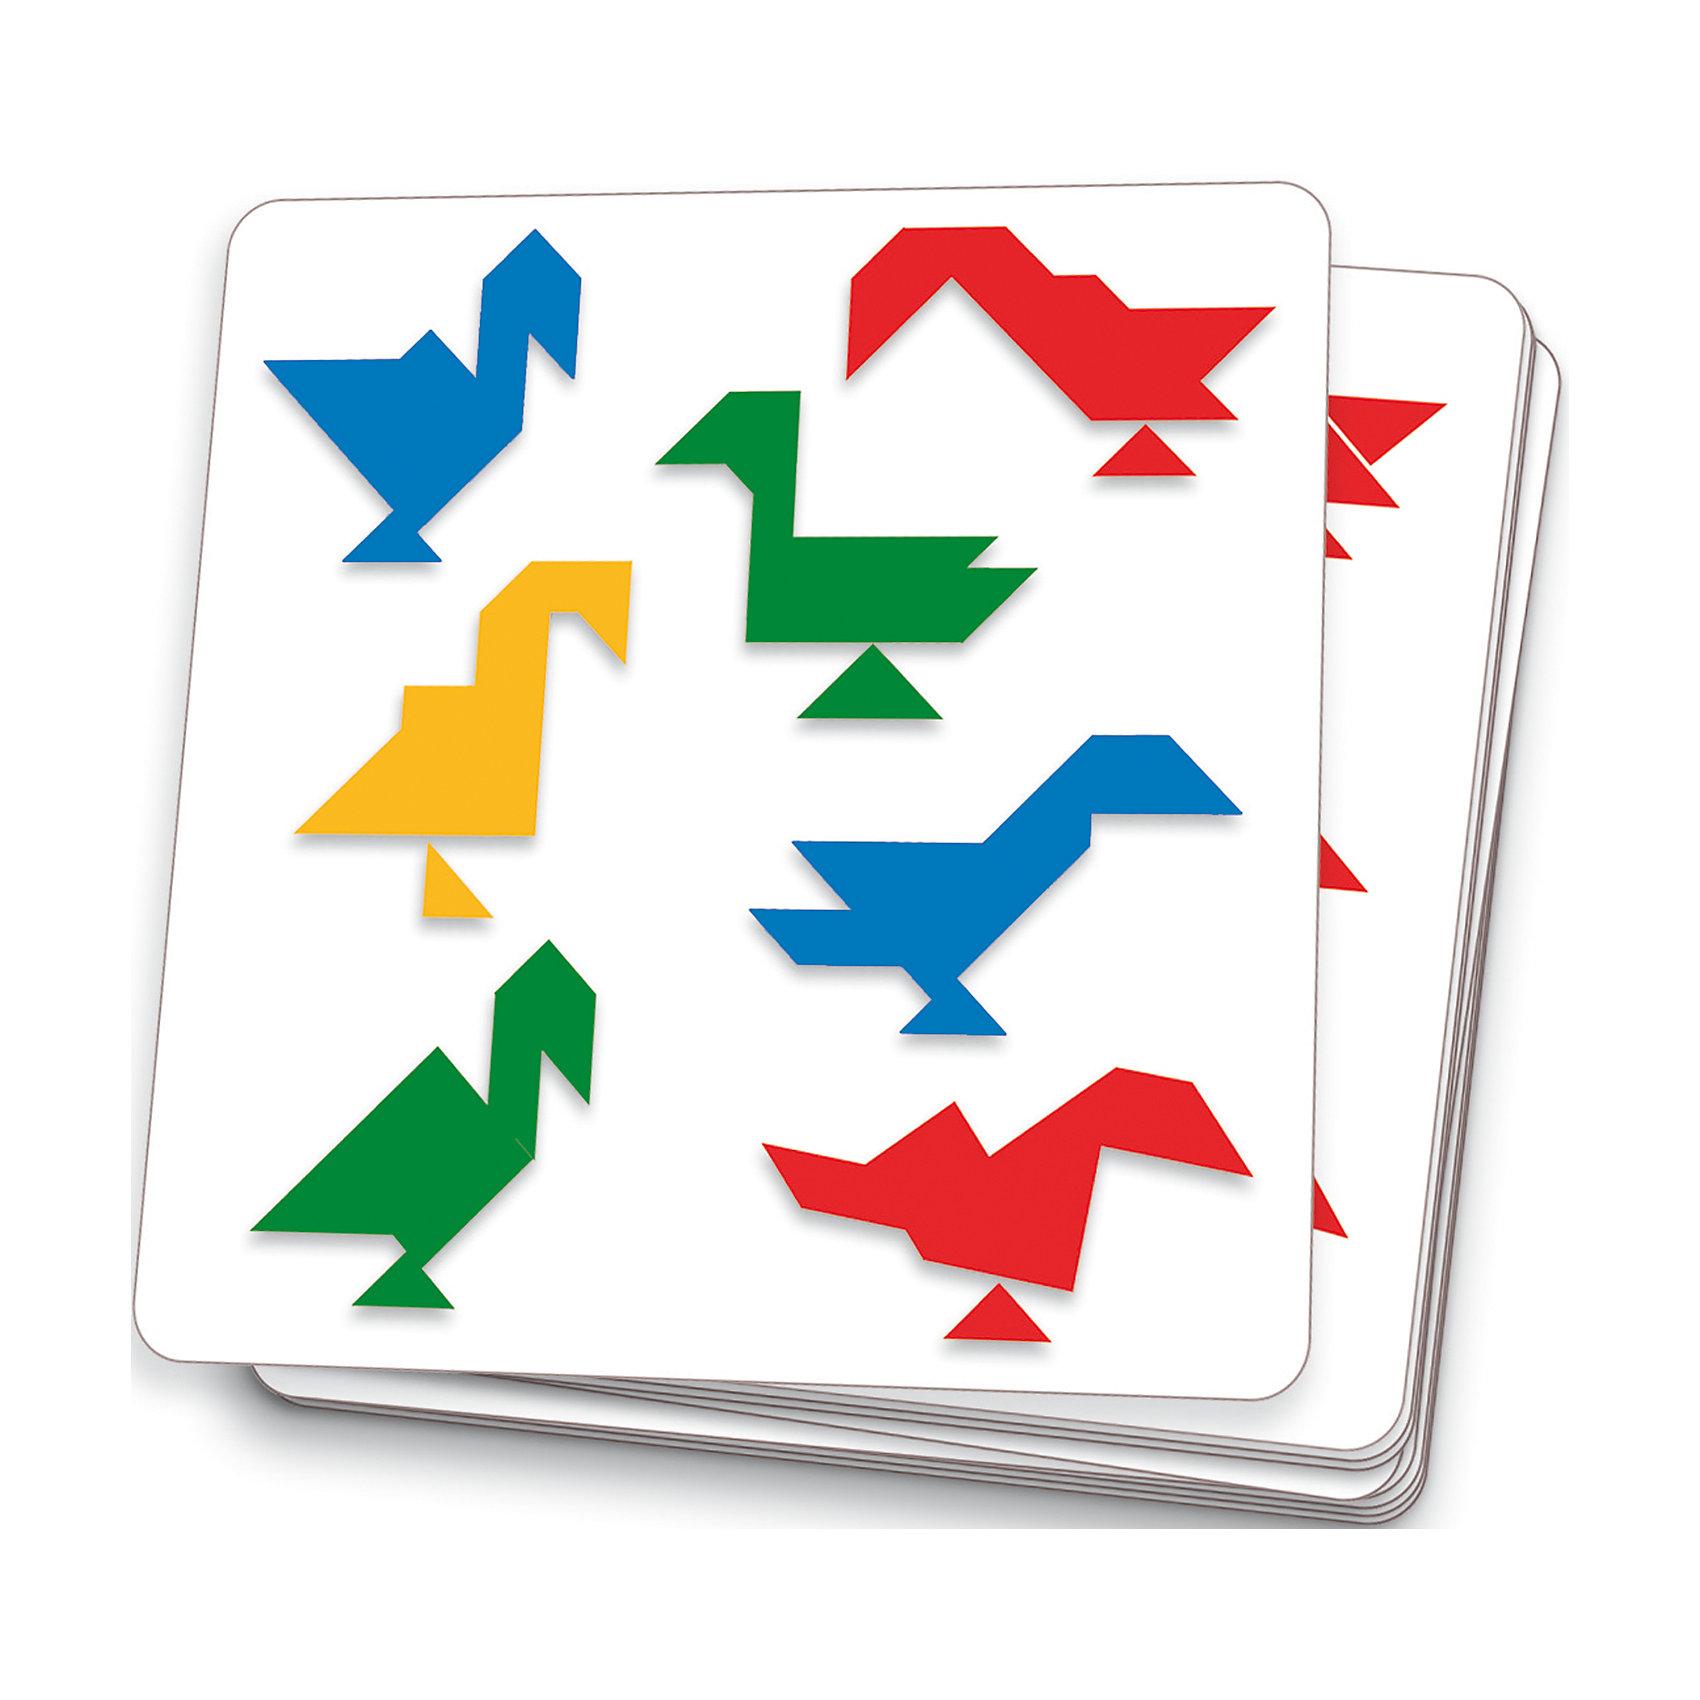 Танграм магнитный, DJECOРазвивающие игры<br>Танграм магнитный. Интересный набор штампов, с помощью которых Ваш ребенок научится создавать фигуры – танграмы. Малышу придётся по вкусу эта игрушка. При этом Ваш ребенок может развивать мелкую моторику пальчиков, свою усидчевость и старание создать красивую картинку.<br><br>Ширина мм: 230<br>Глубина мм: 5<br>Высота мм: 160<br>Вес г: 210<br>Возраст от месяцев: 36<br>Возраст до месяцев: 1188<br>Пол: Унисекс<br>Возраст: Детский<br>SKU: 4761434